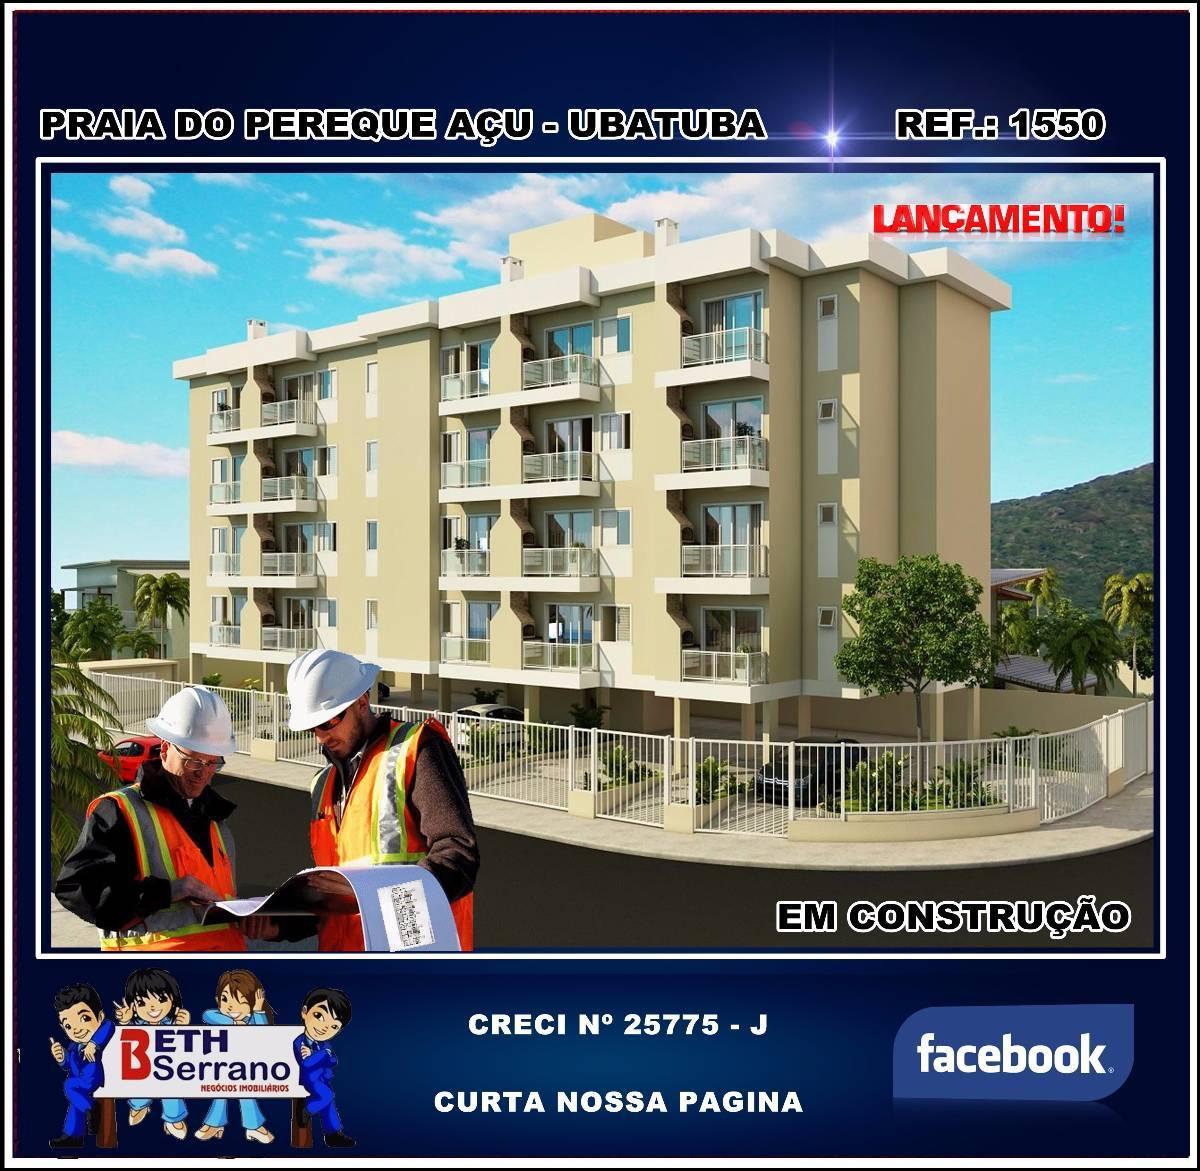 Apartamento em Ubatuba ( Praia do Pereque Açu ) Financiado pela Caixa